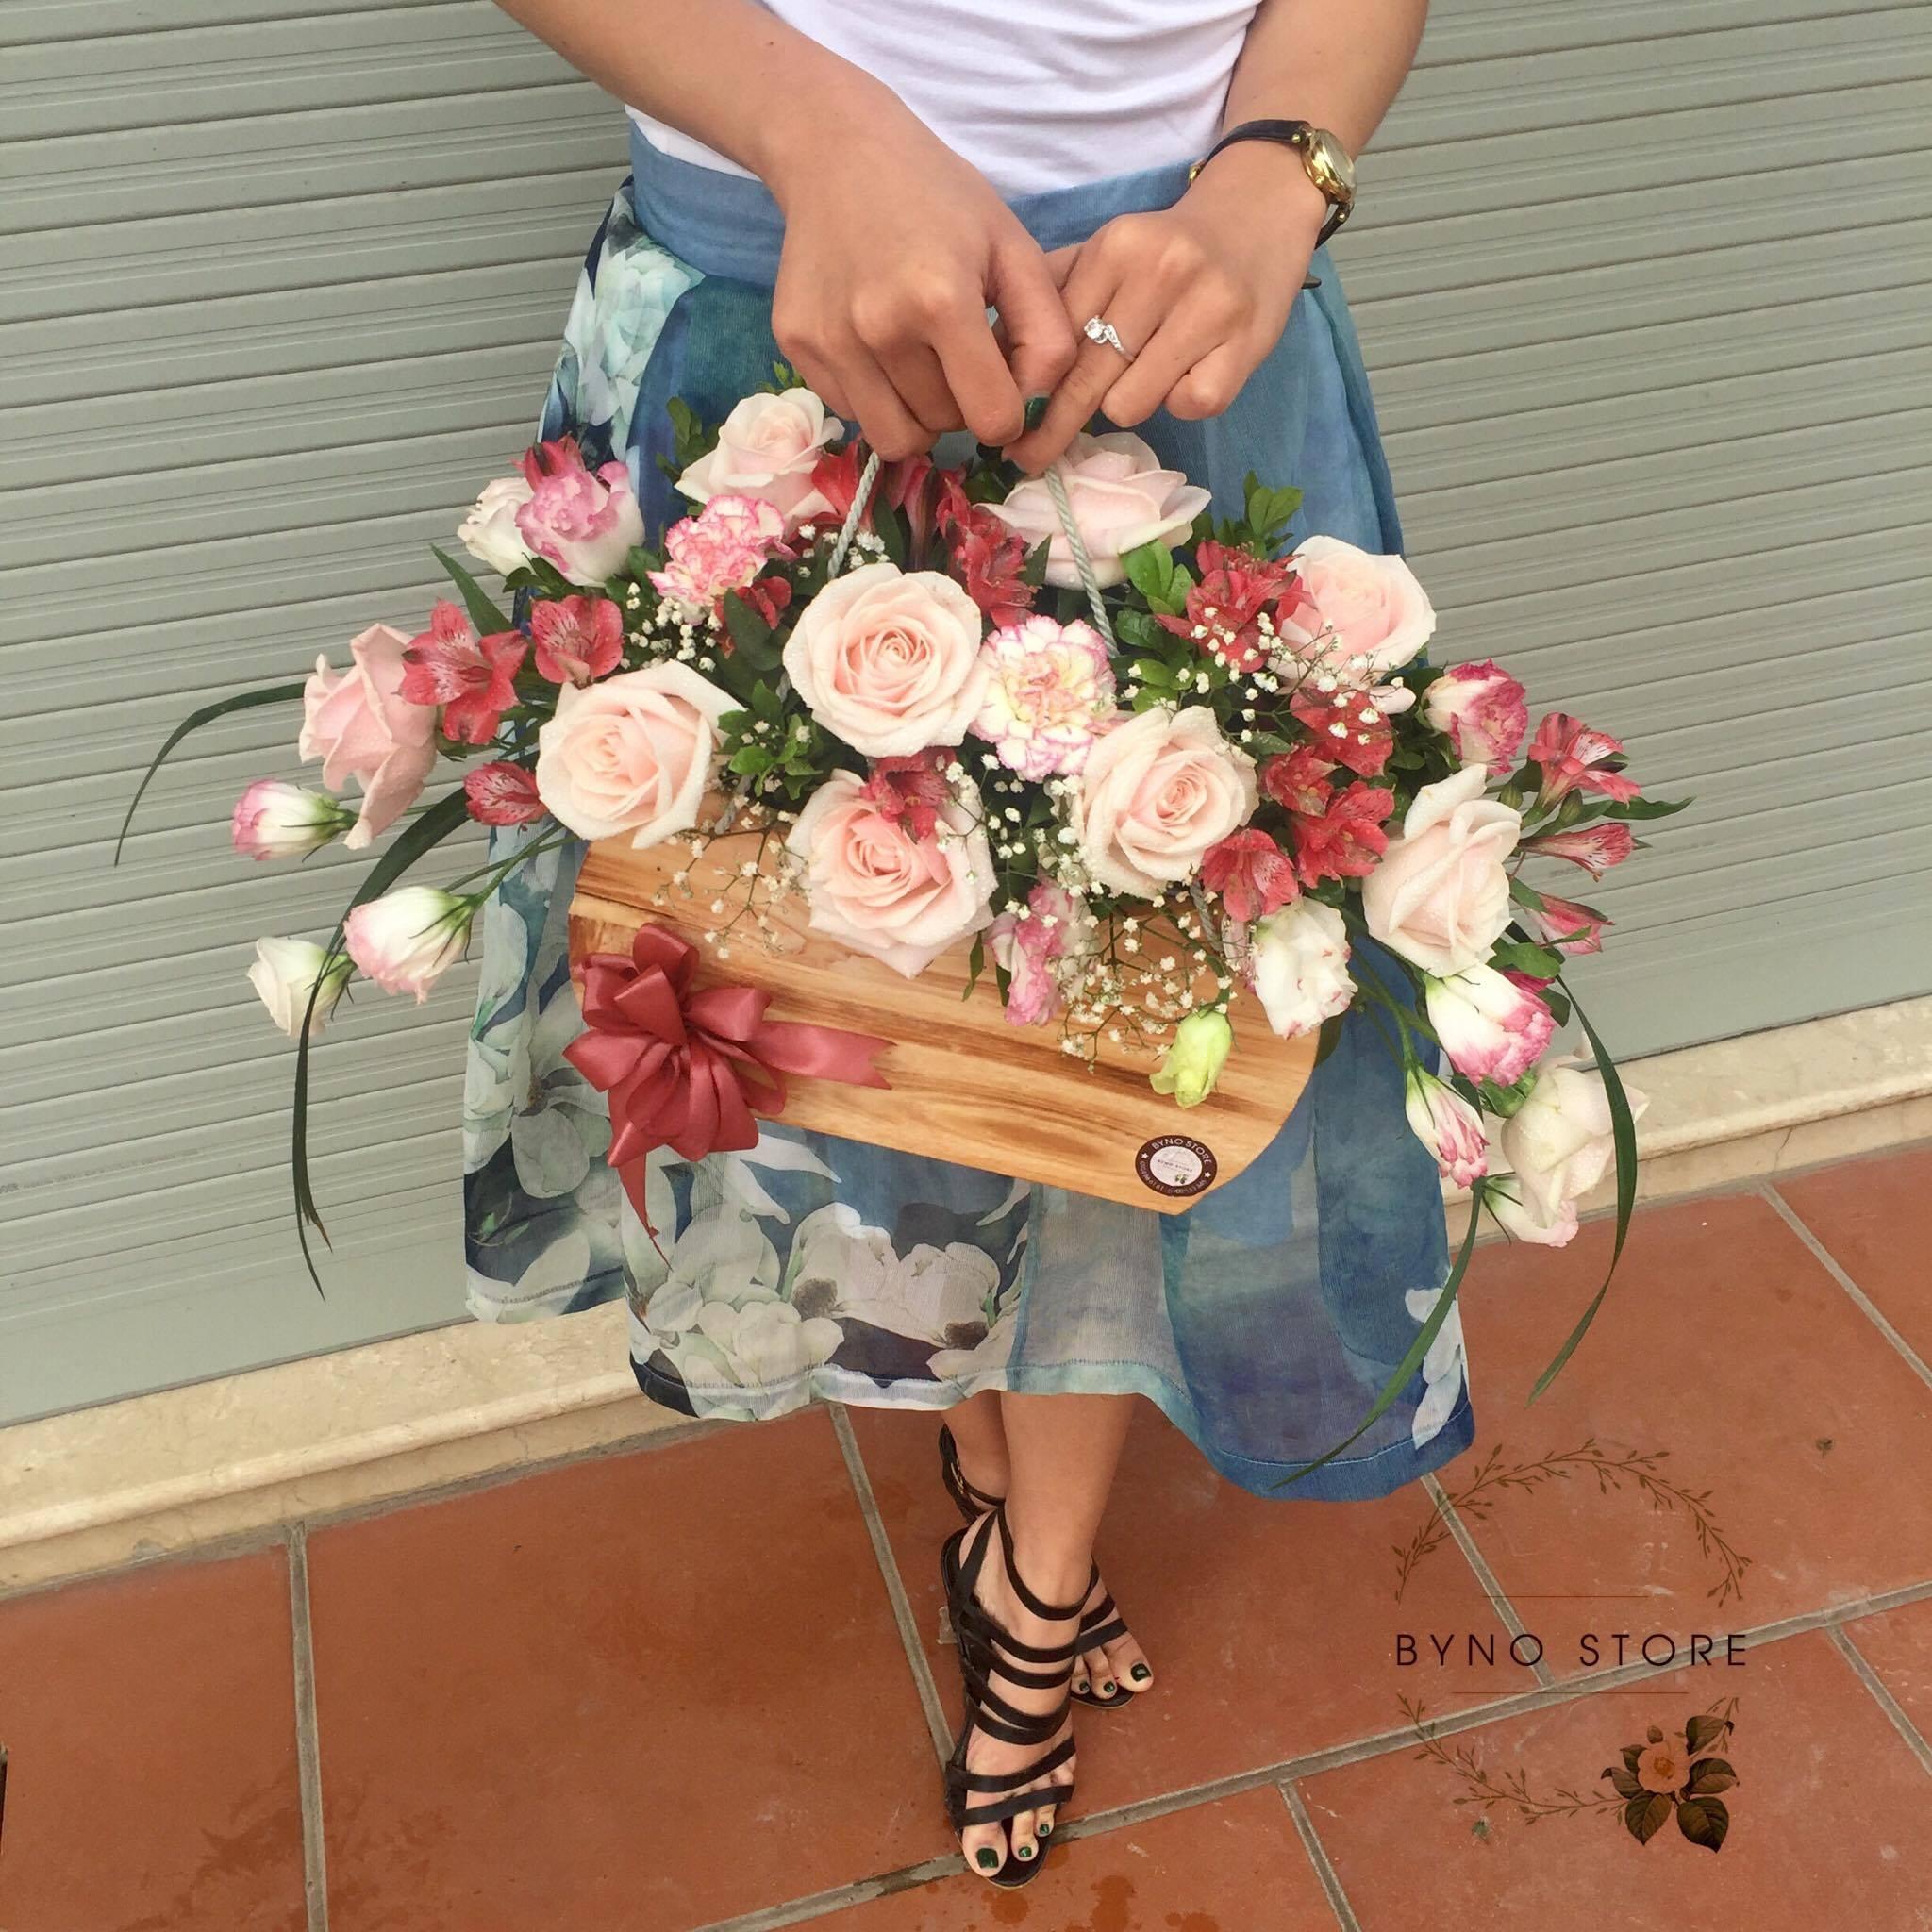 Bỏ công tránh việc, cô nàng quyết tâm theo nghiệp... bán hoa - Ảnh 7.